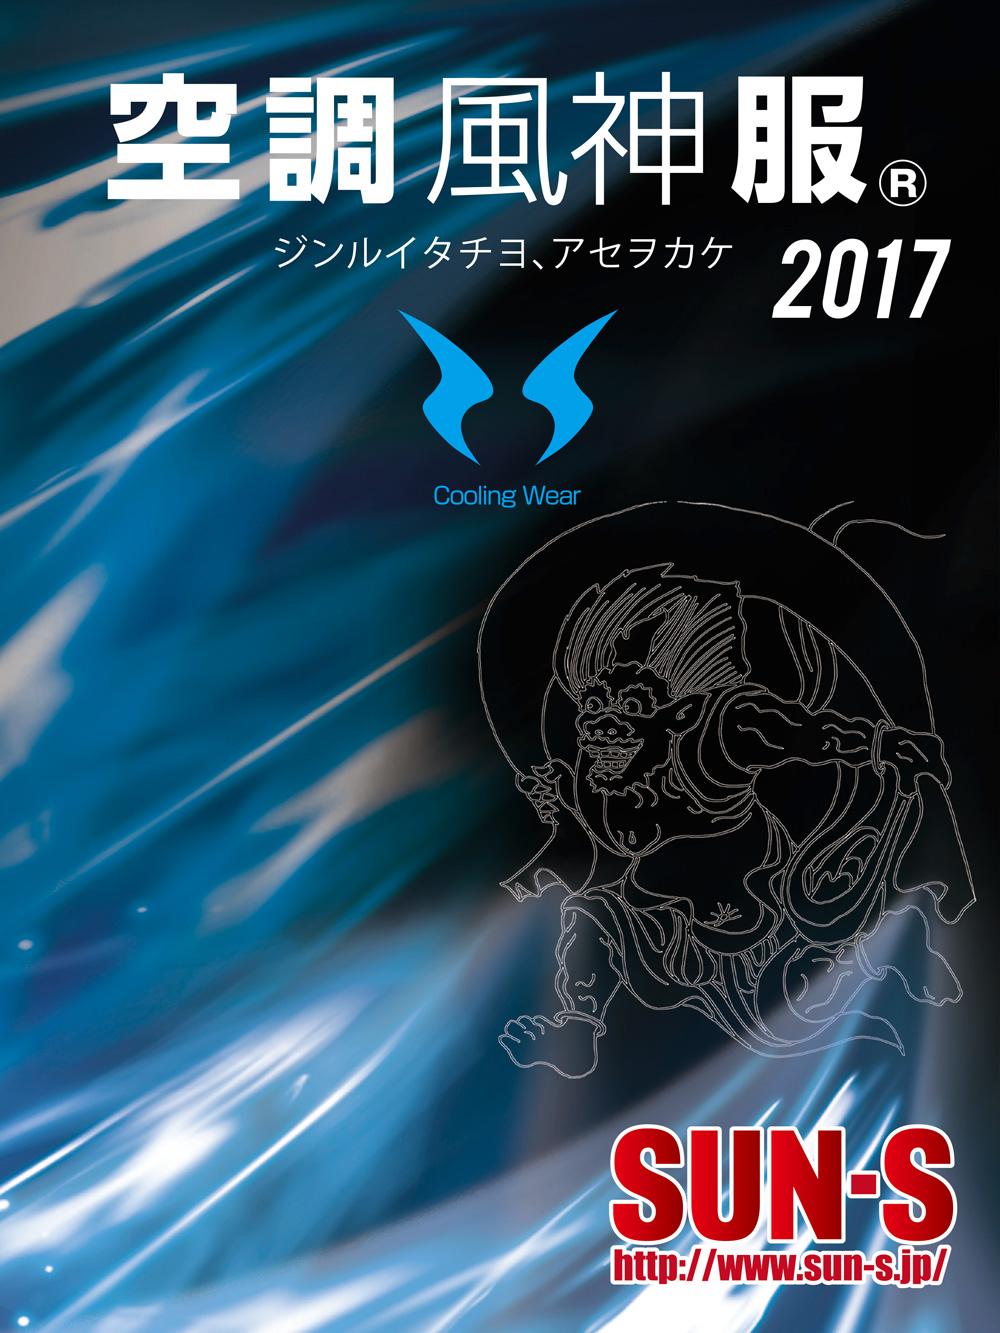 空調風神服(SUN-S サンエス) 2017年カタログ